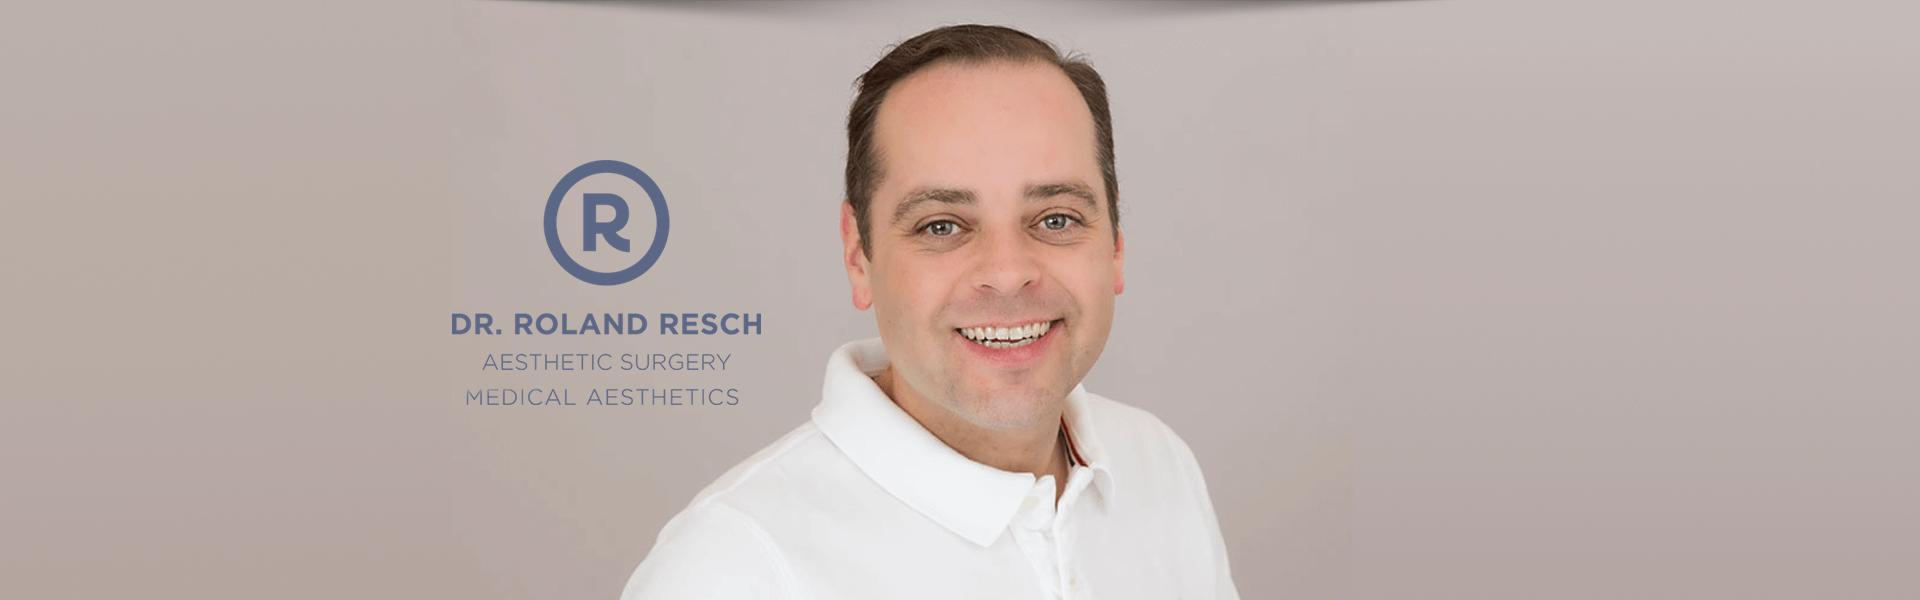 dr-roland-resch-plastischer-chirurg-1190-wien-header